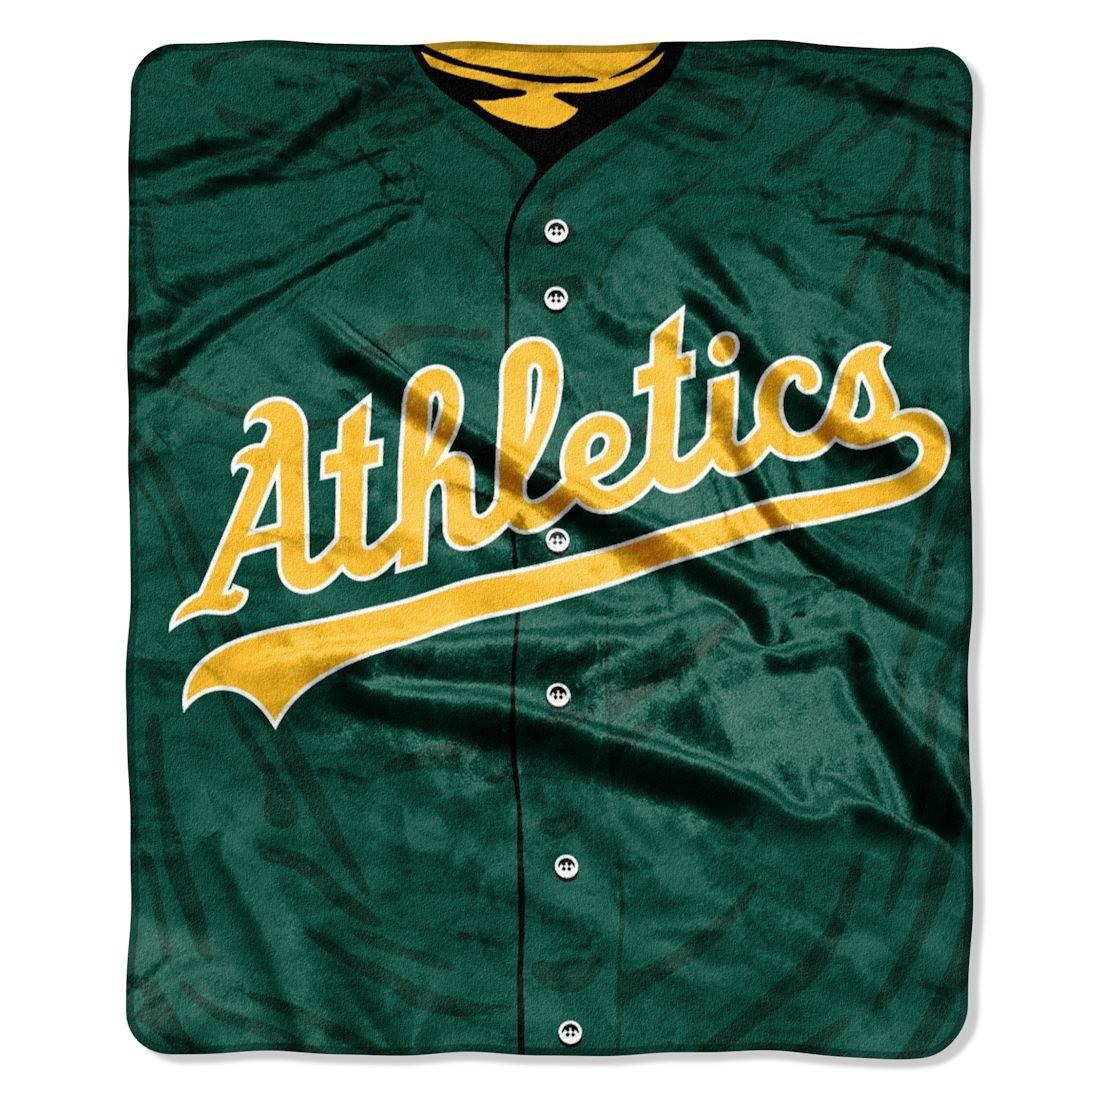 Northwest MLB 127 127 127 cm da 152,4 cm Plush Raschel, verde   Economico    nuovo venuto    Ottima selezione    La qualità prima    Tatto Comodo    Benvenuto  41ccab